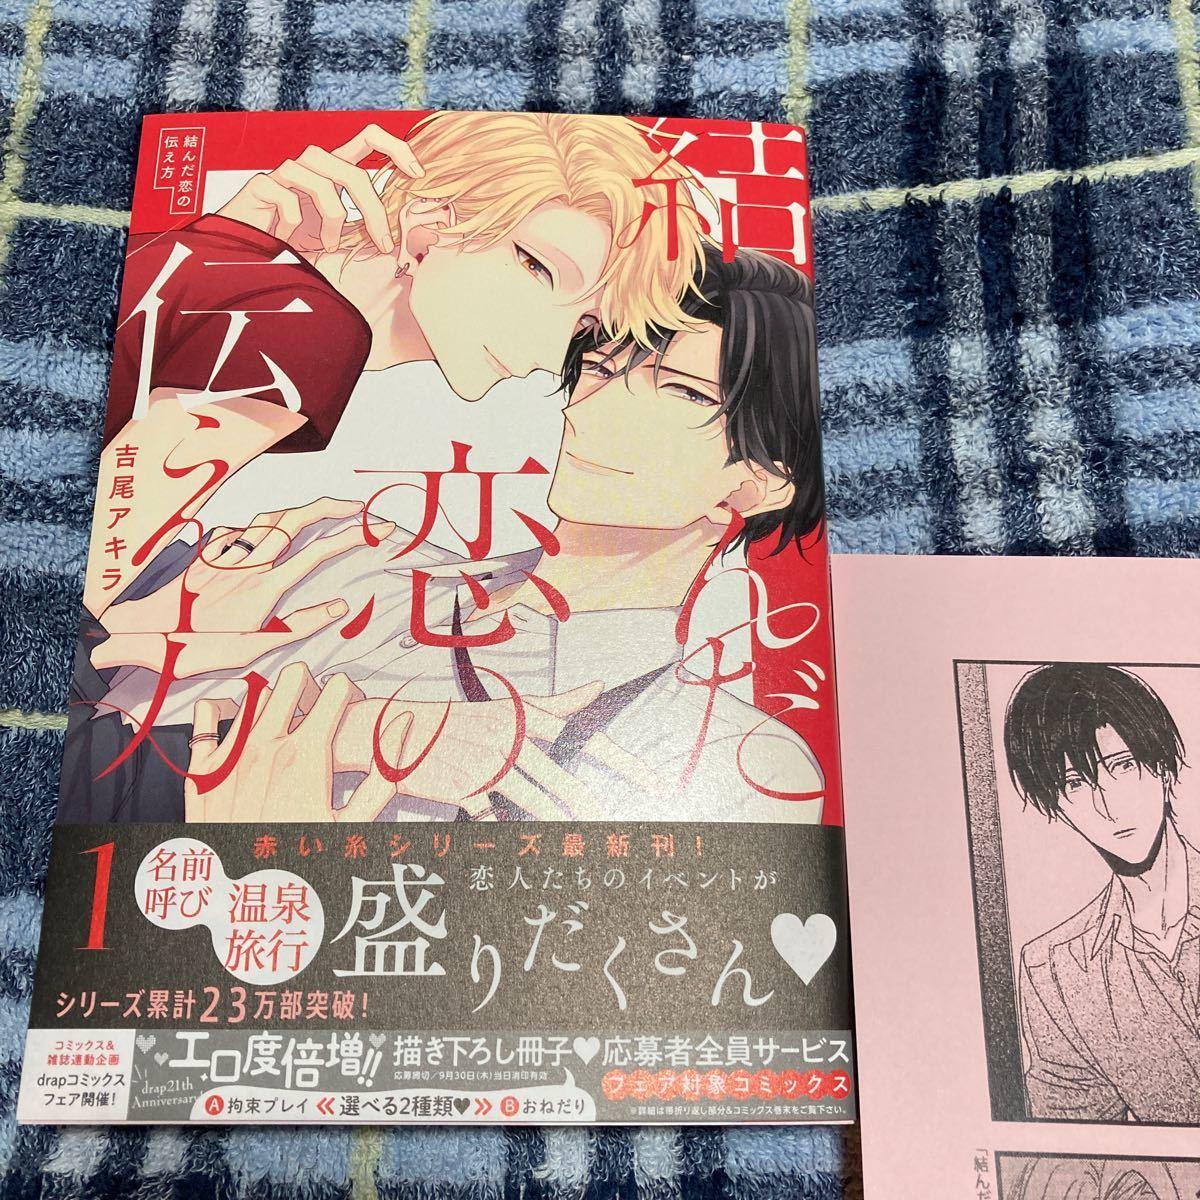 BL 漫画 コミック 結んだ恋の伝え方 1 吉尾アキラ 特典 ペーパー